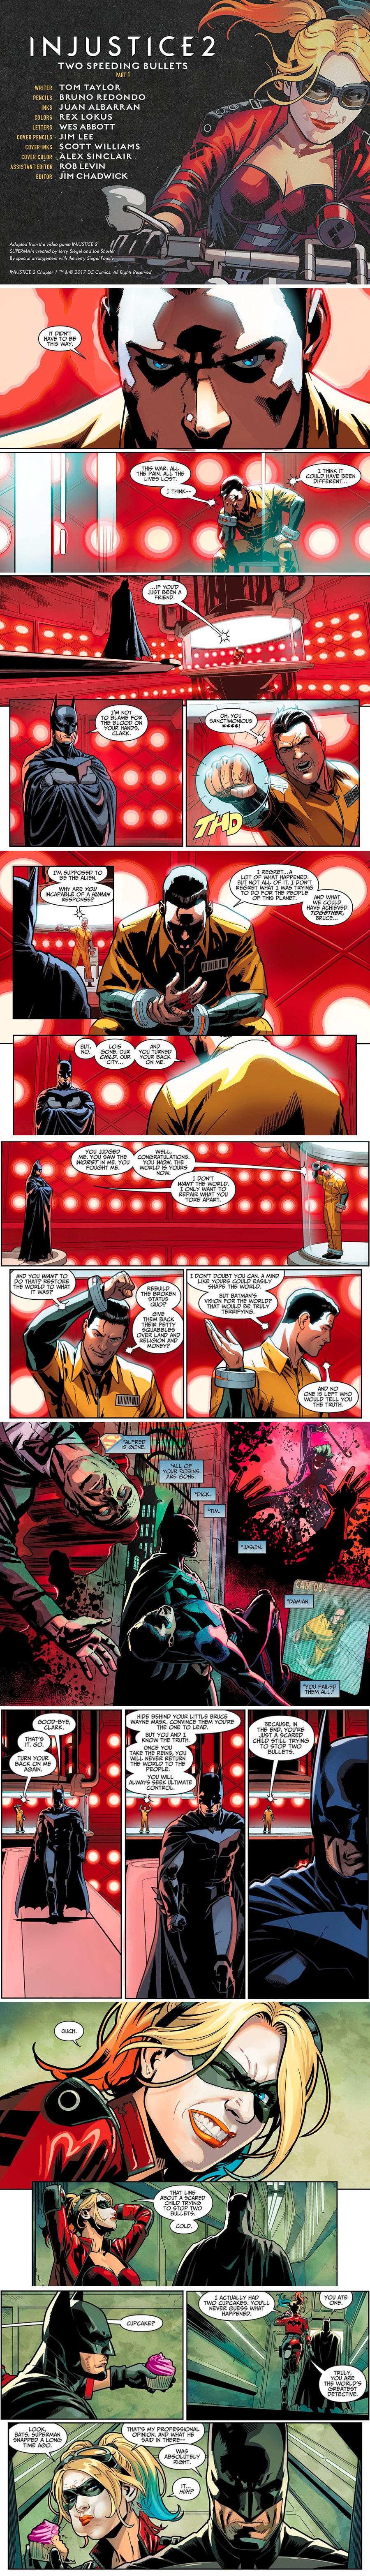 Batman and Superman. Injustice 2